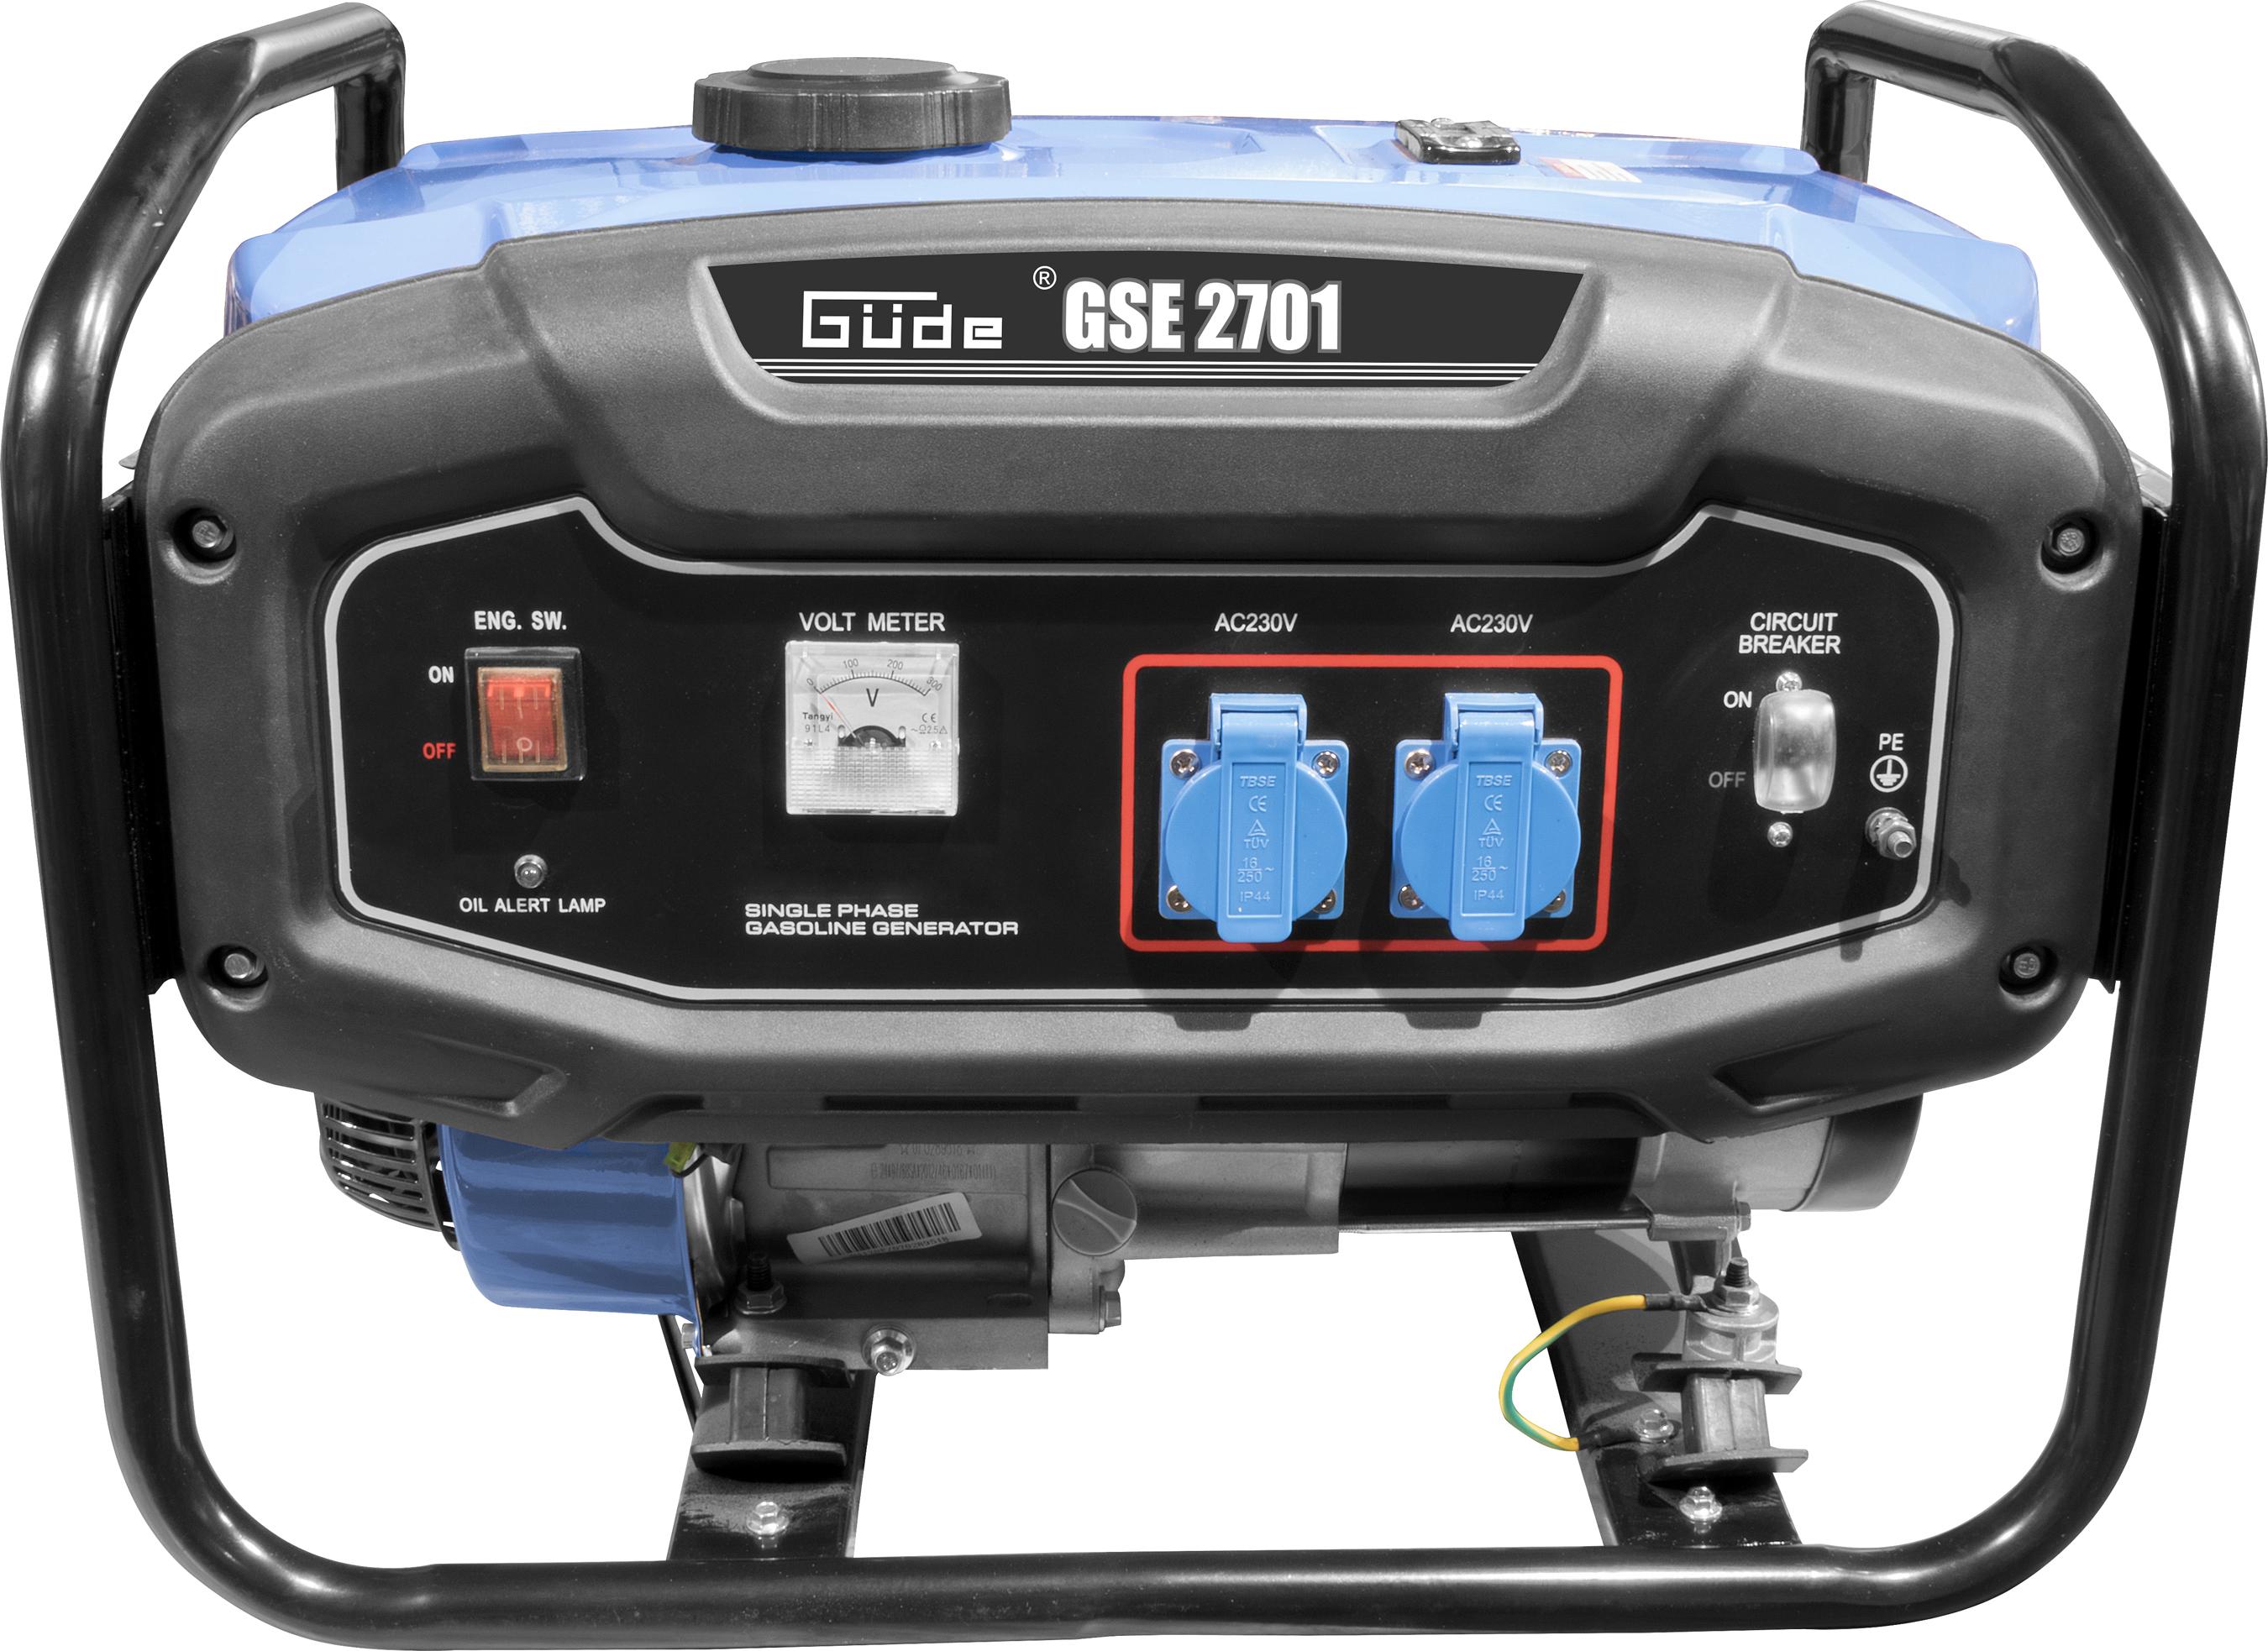 Güde Stromerzeuger GSE 2701 Bild 3